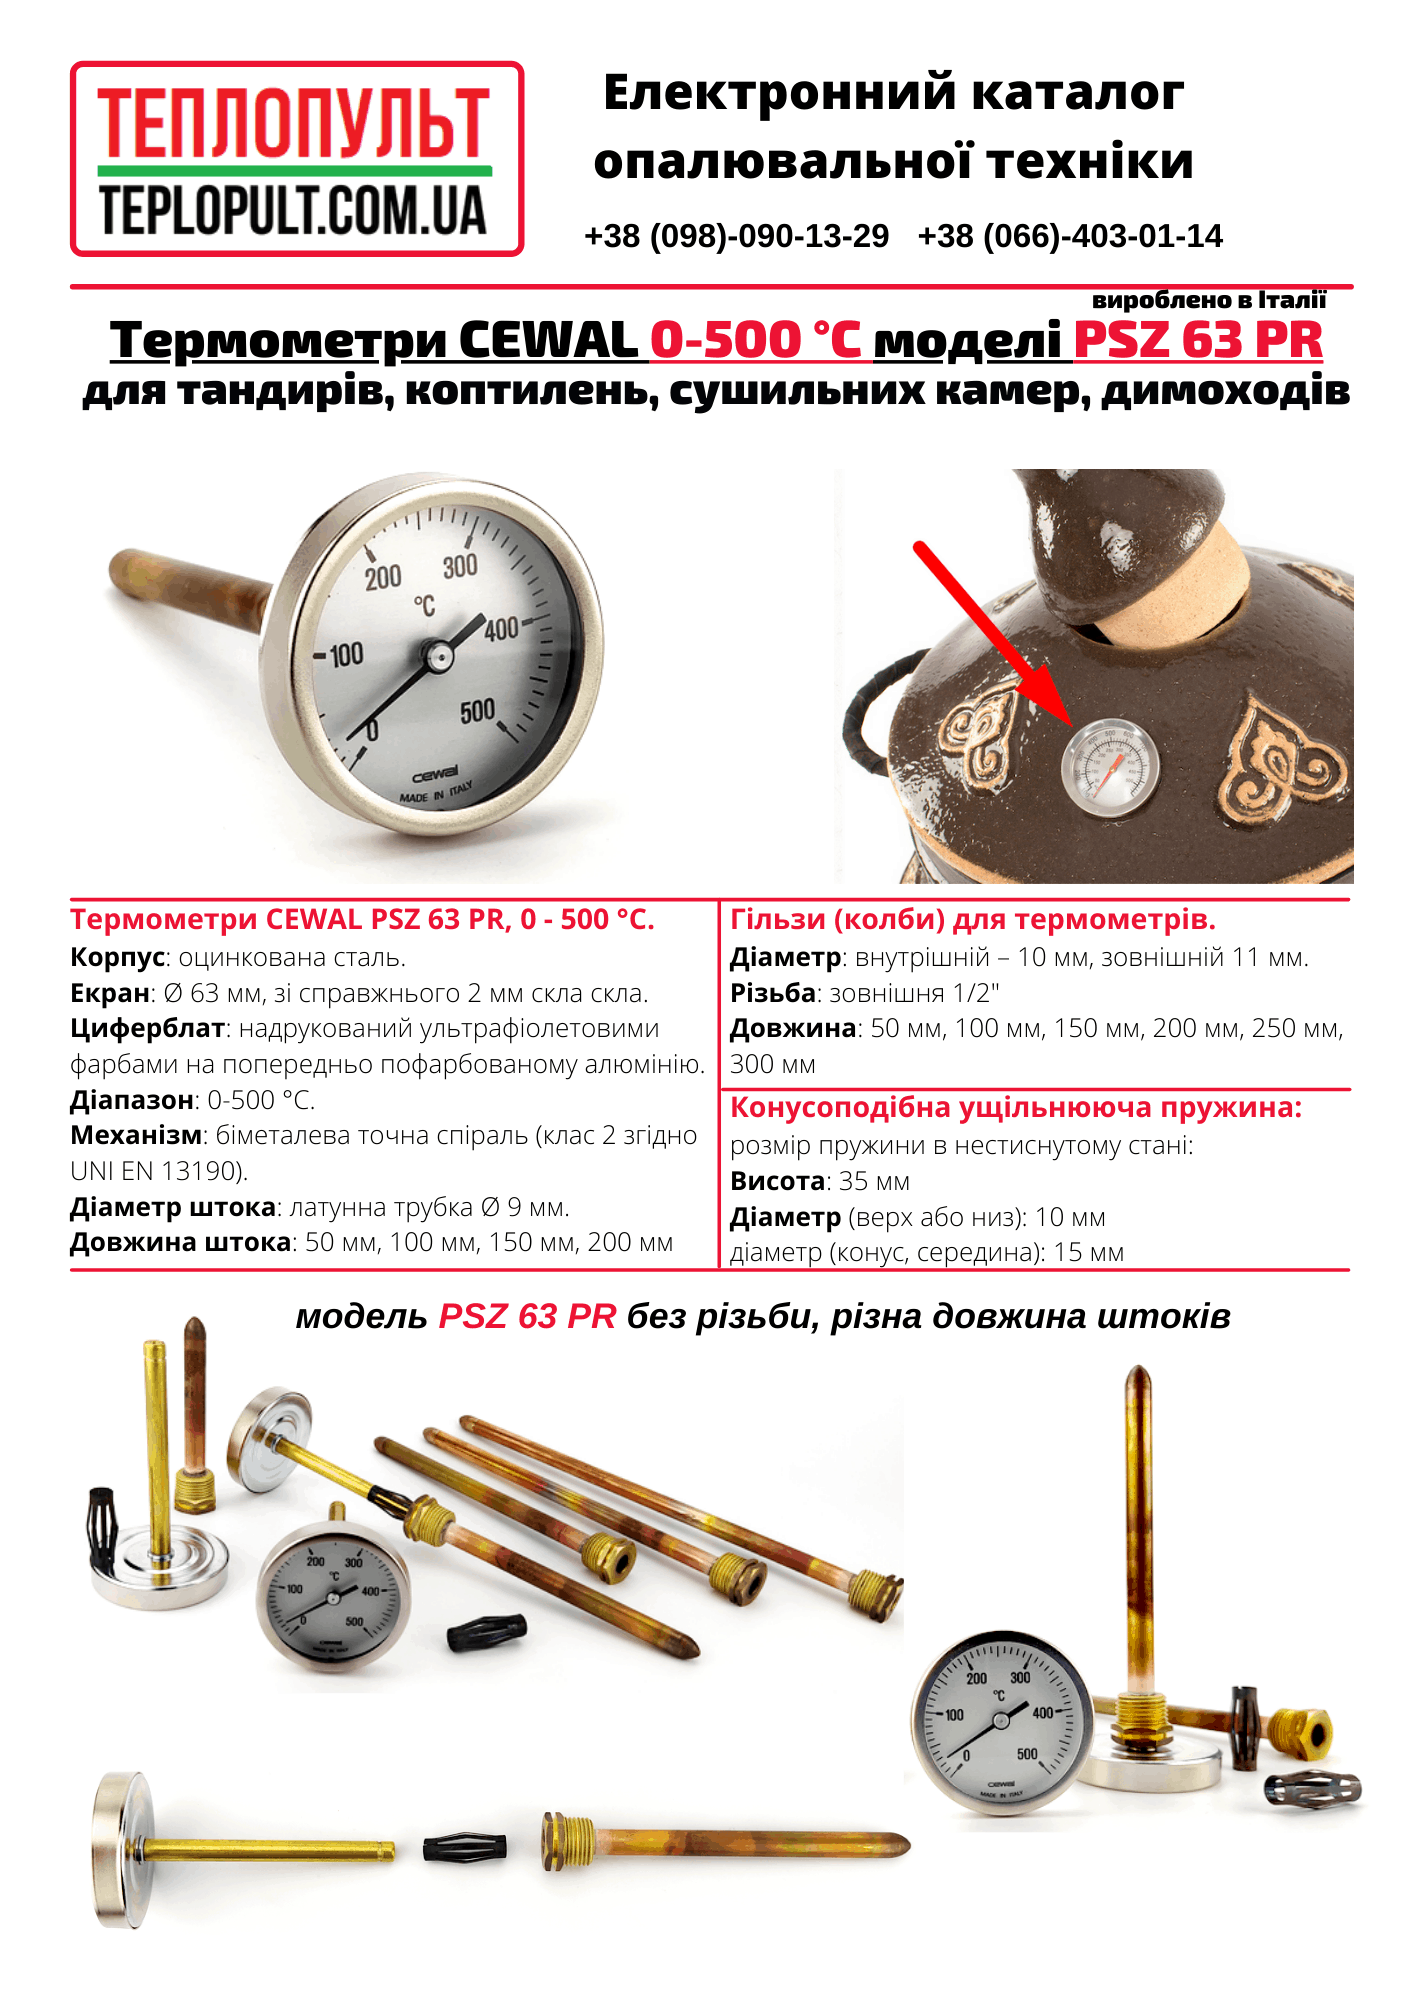 Термометри для тандирів, коптилень, сушильних печей, димоходів